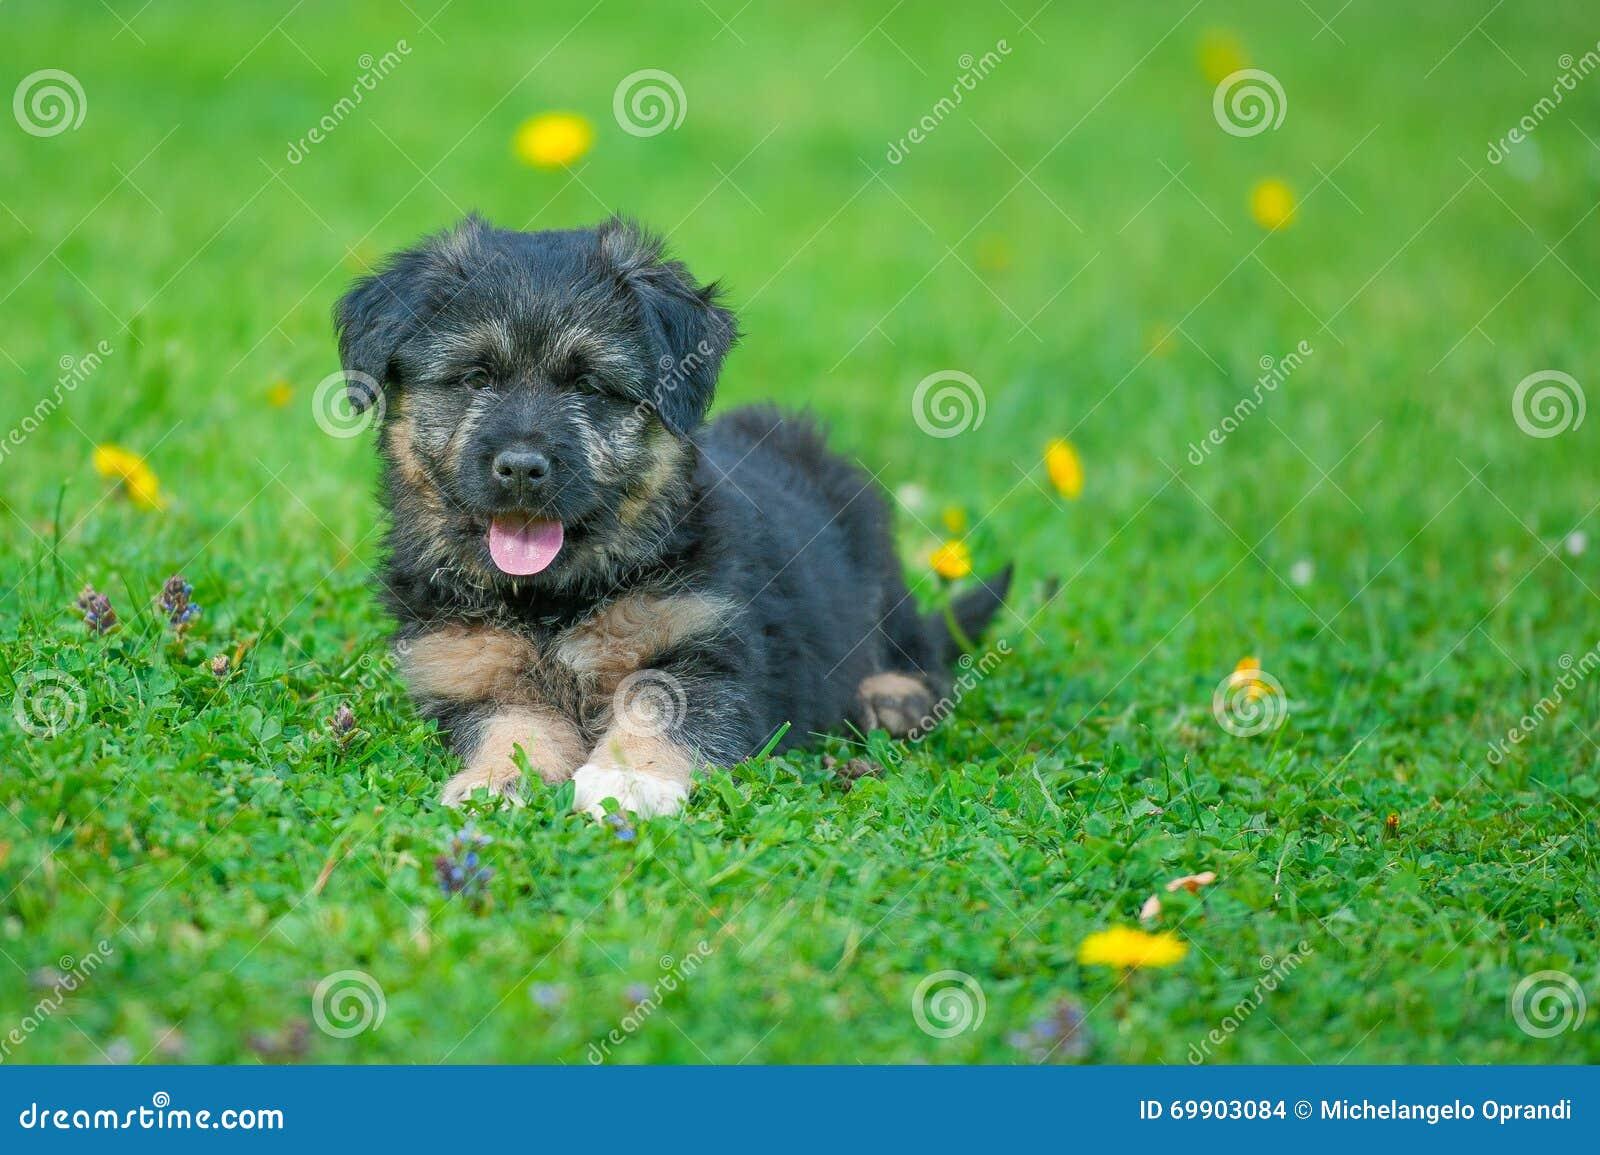 Puppy shepherd dog Bergamasco